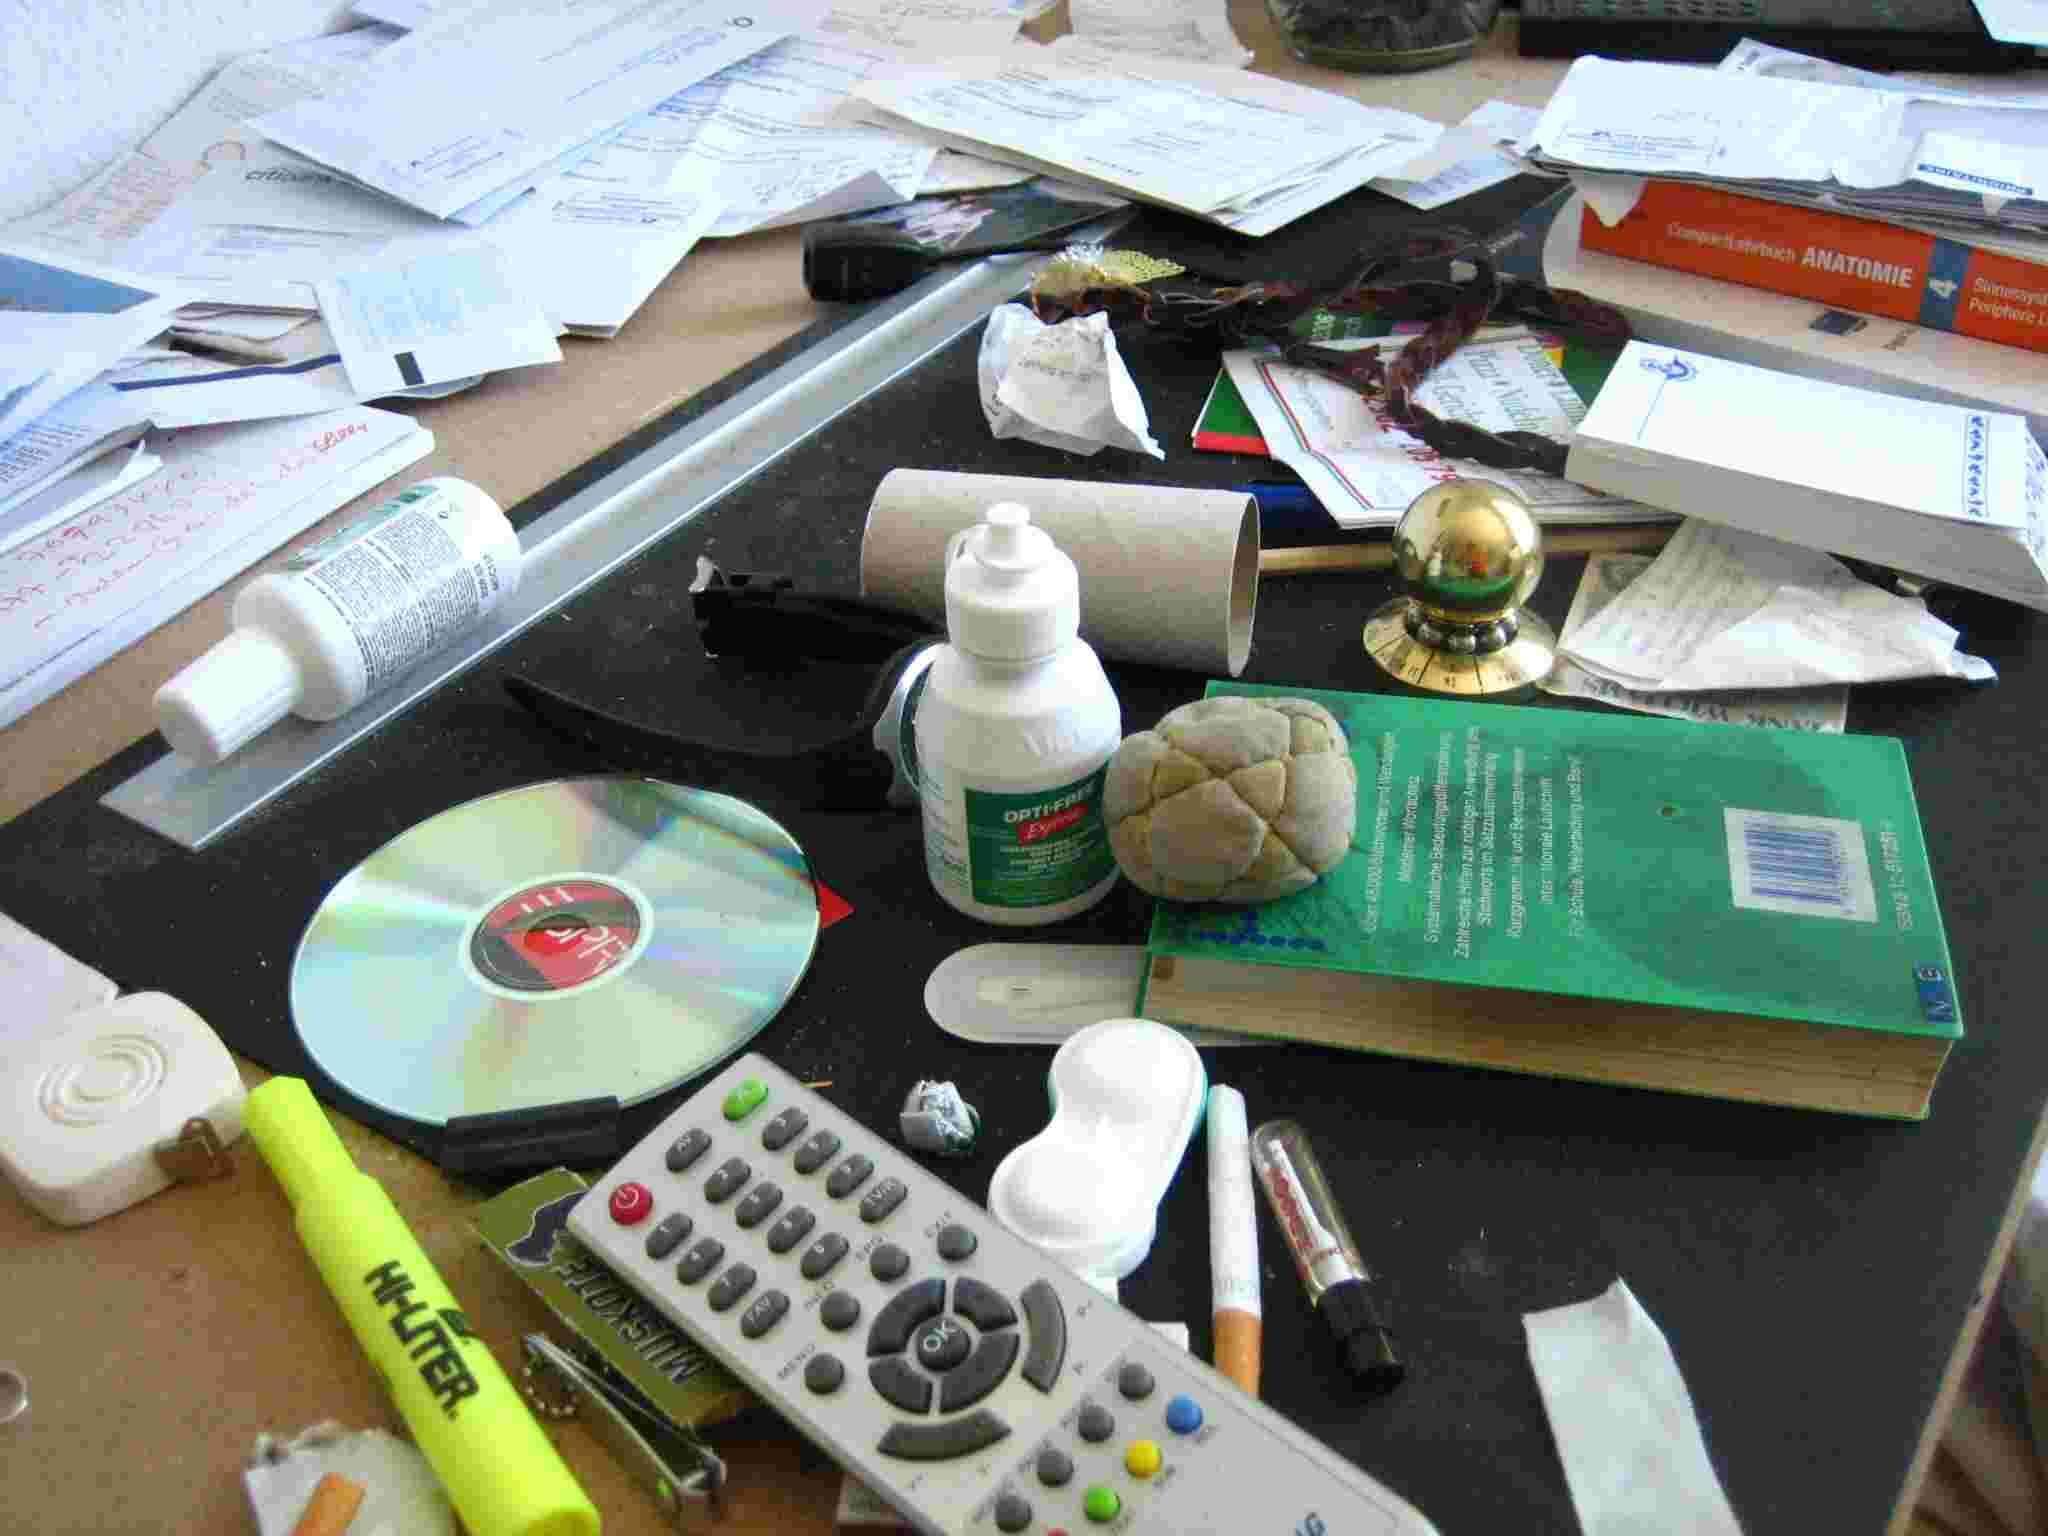 Schreibtisch - Ordnung und Organisation - Buch - Zeitmanagement - Selbstmanagement - Motivation - Selbstmotivation - Konzentration - Studium - Lernen - Ratgeber Dr. Martin Krengel